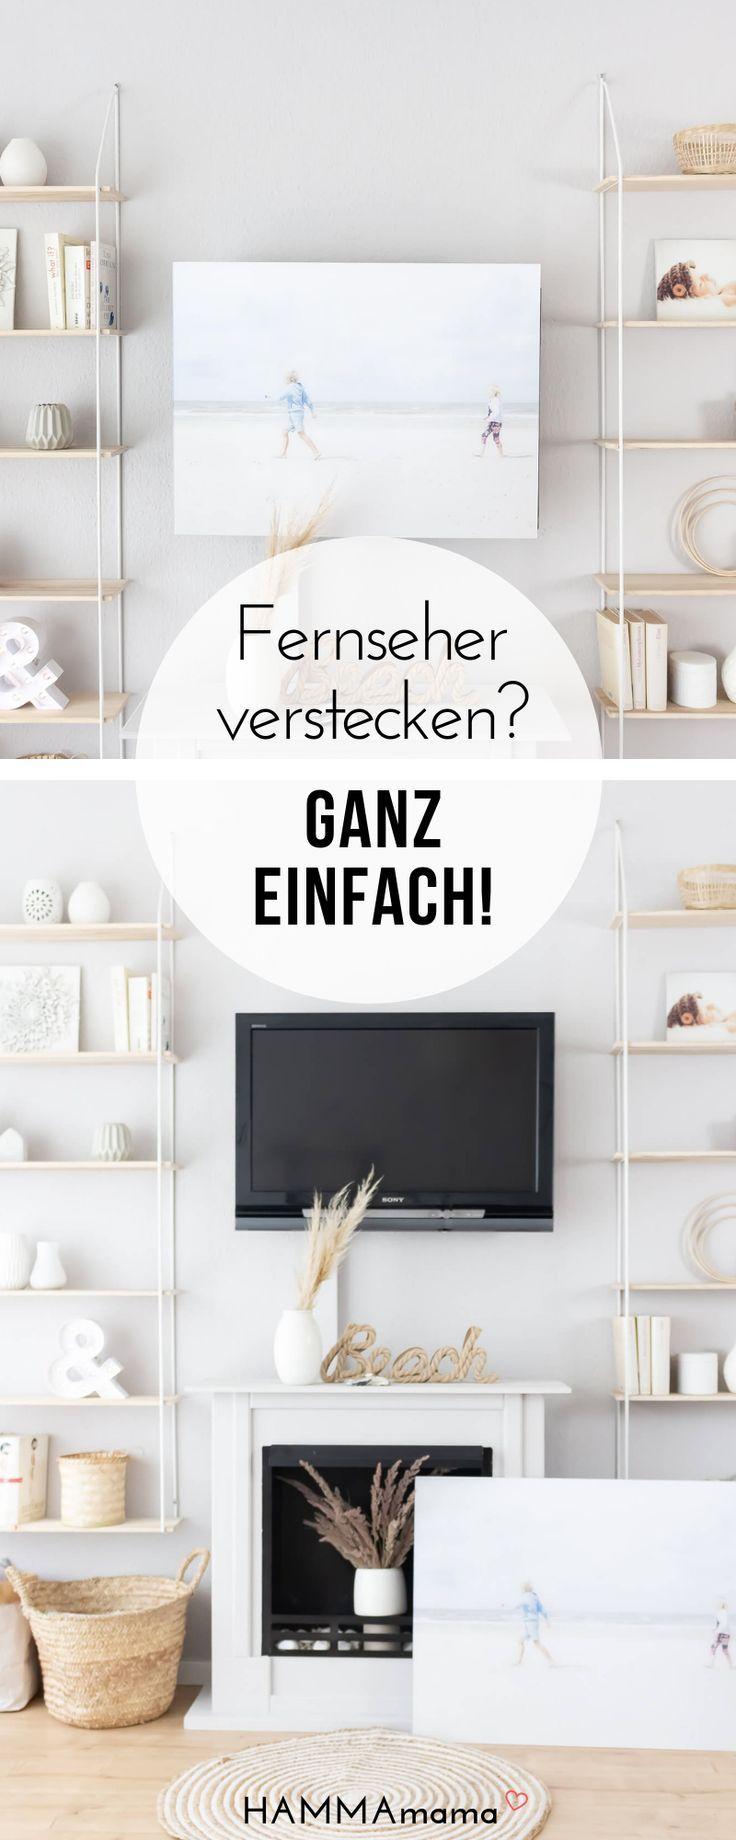 Den Fernseher Verstecken Mit Posterxxl Die Frage Was Macht Einen Ort Zu Einem Zuhause Fernseher Verstecken Fernseher Tv Home